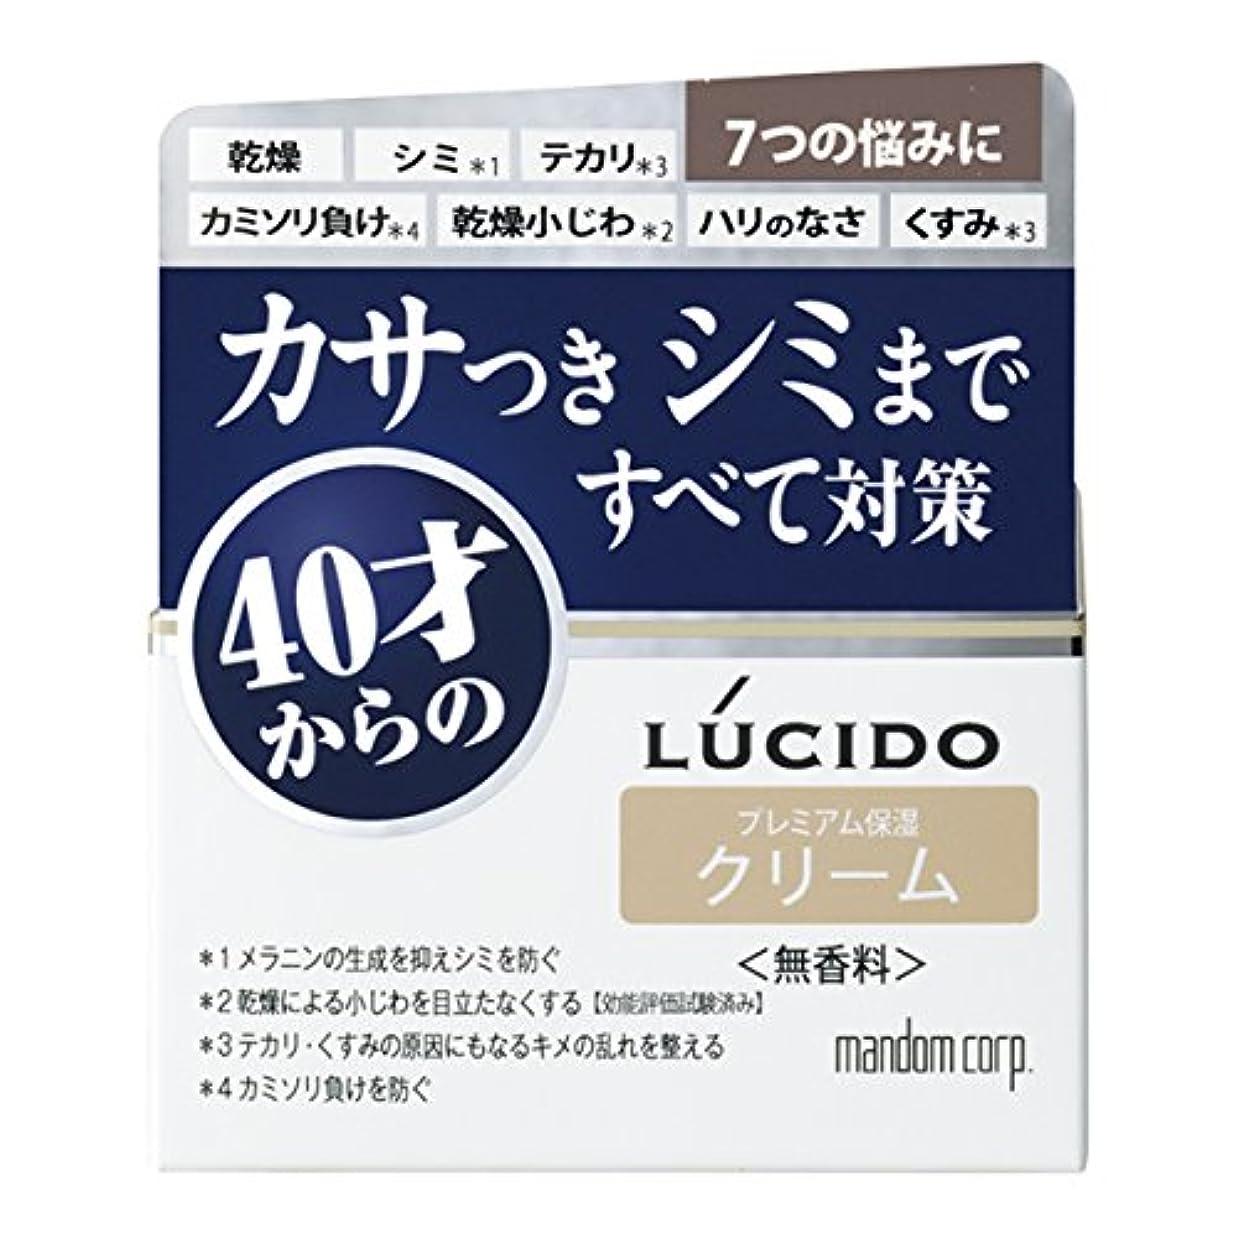 受け入れ溢れんばかりの紳士気取りの、きざなルシード 薬用 トータルケアクリーム (医薬部外品)50g